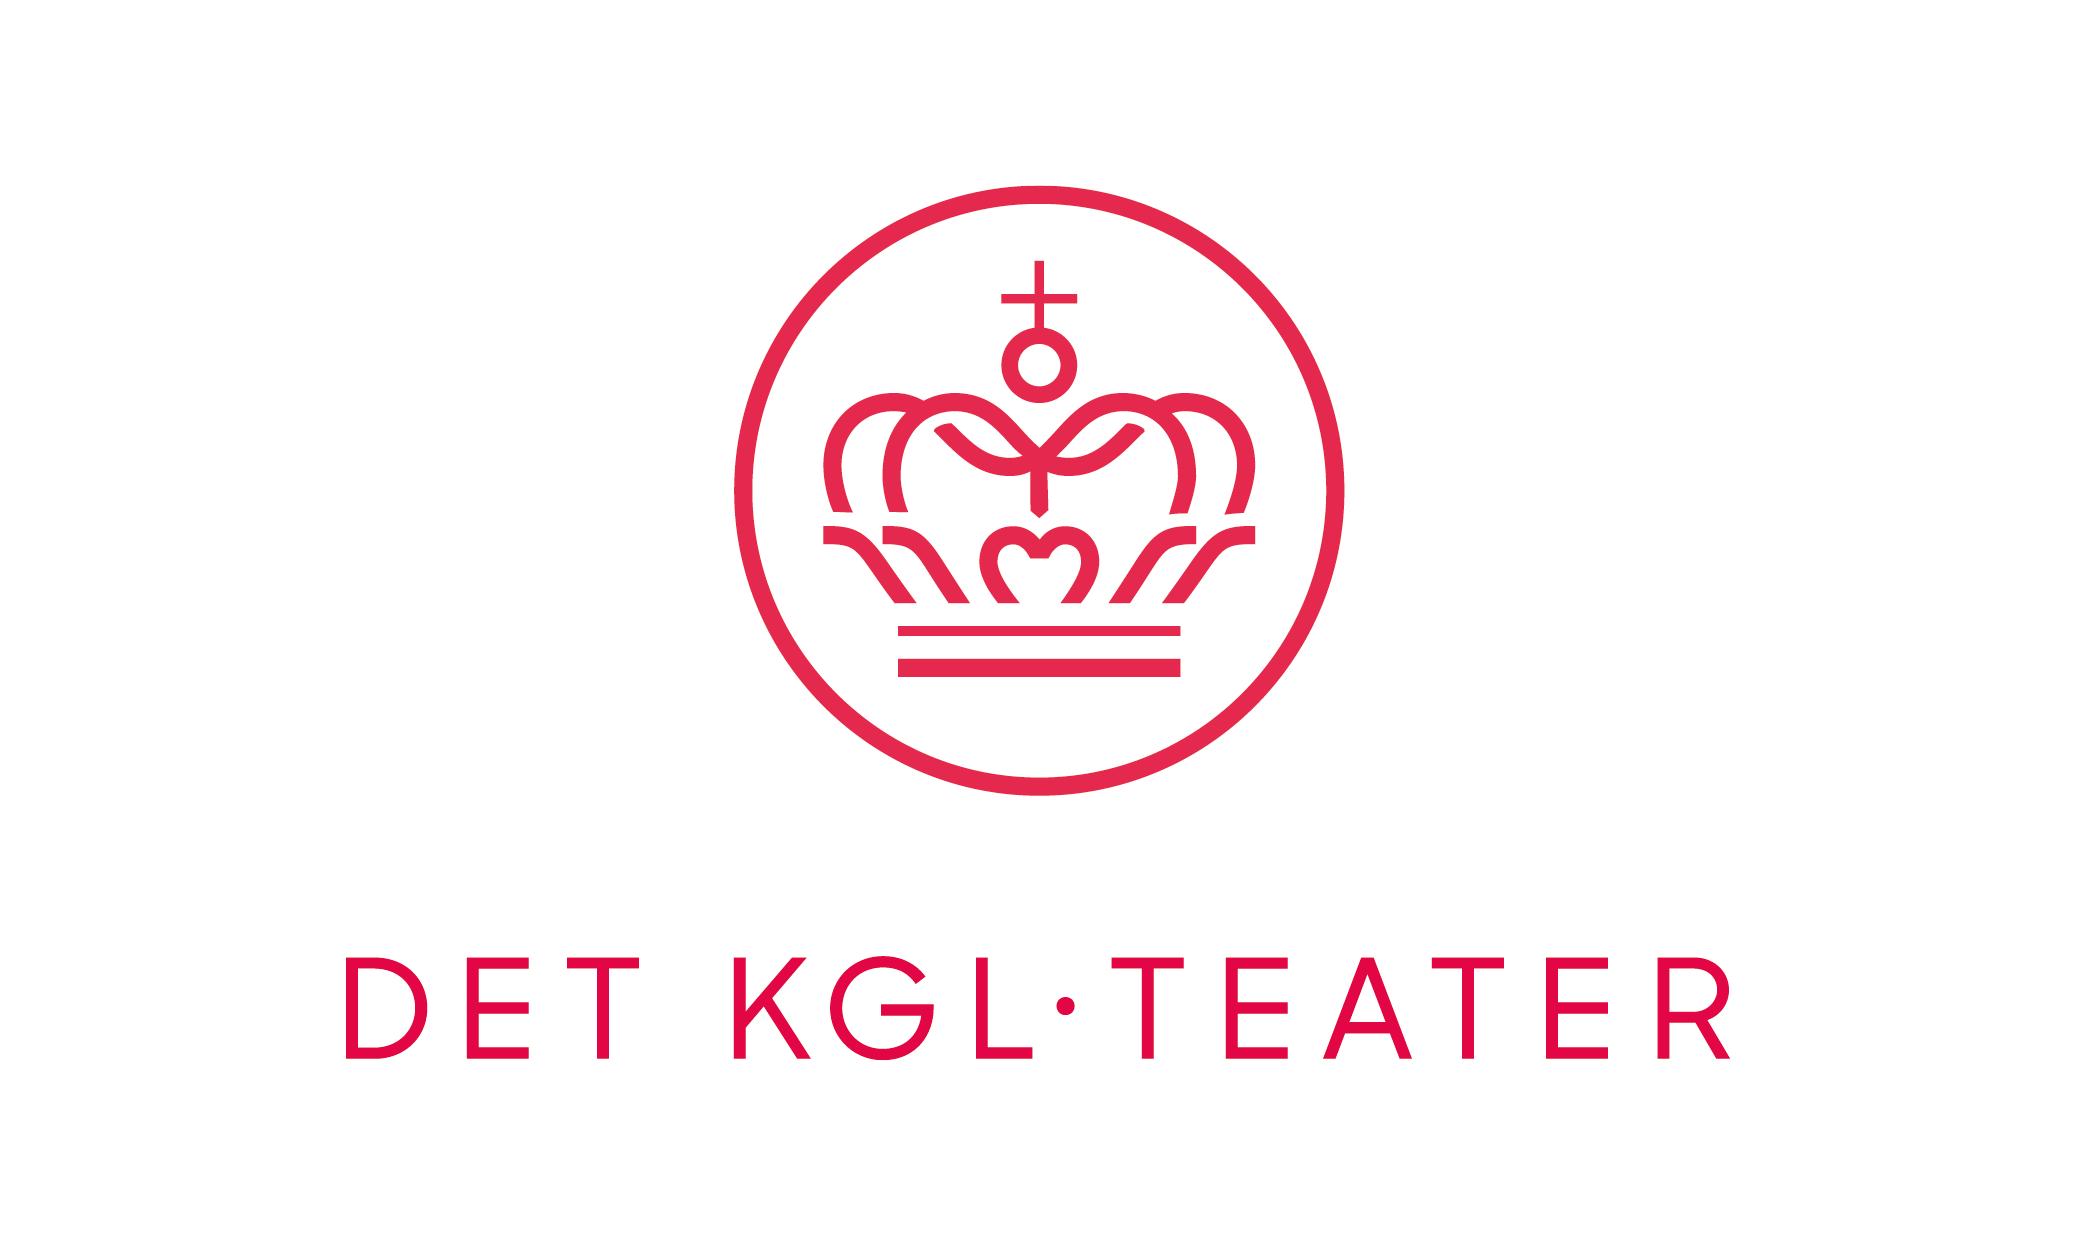 Det kongelige teater, find dit Bizz Up Magasin, Distribution, find magasin, Bizz Up, Bizzup.dk